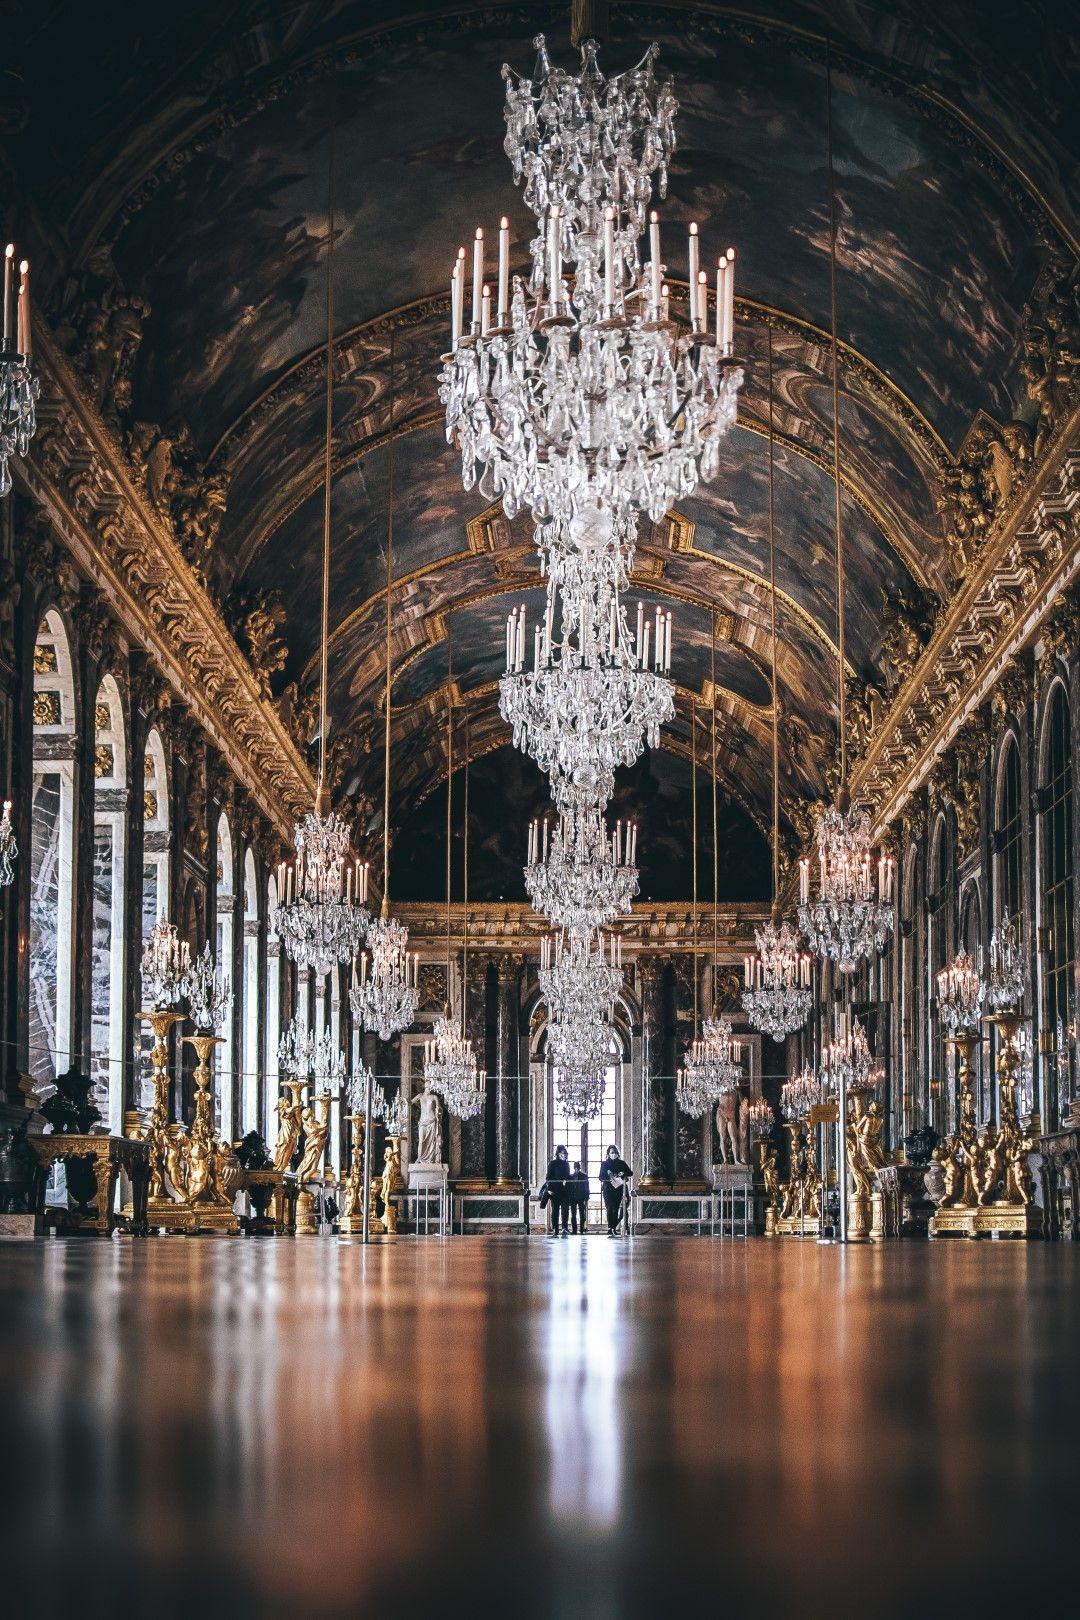 Огледалната зала във Версай има над 300 огледала